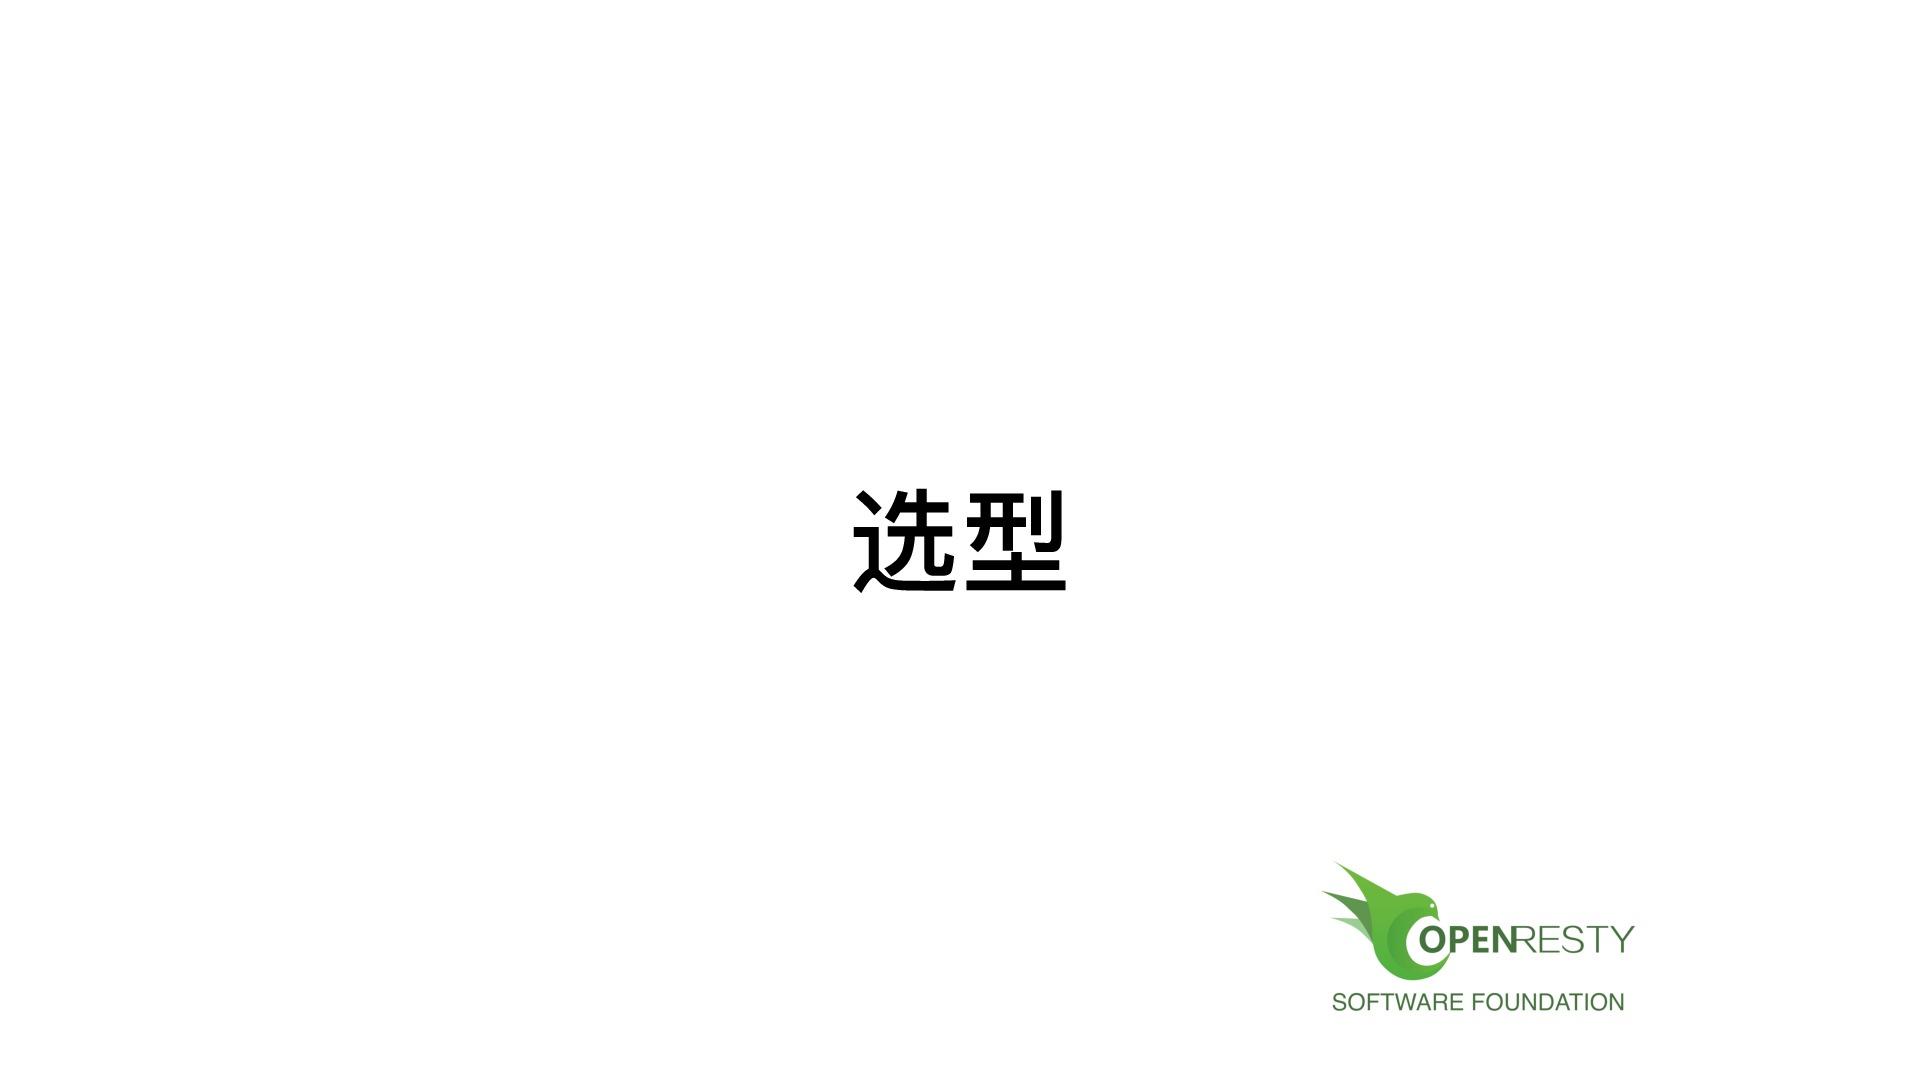 https://opentalk-blog.b0.upaiyun.com/prod/2019-07-18/9e5d81bef1a6ada30c7005de71d43980